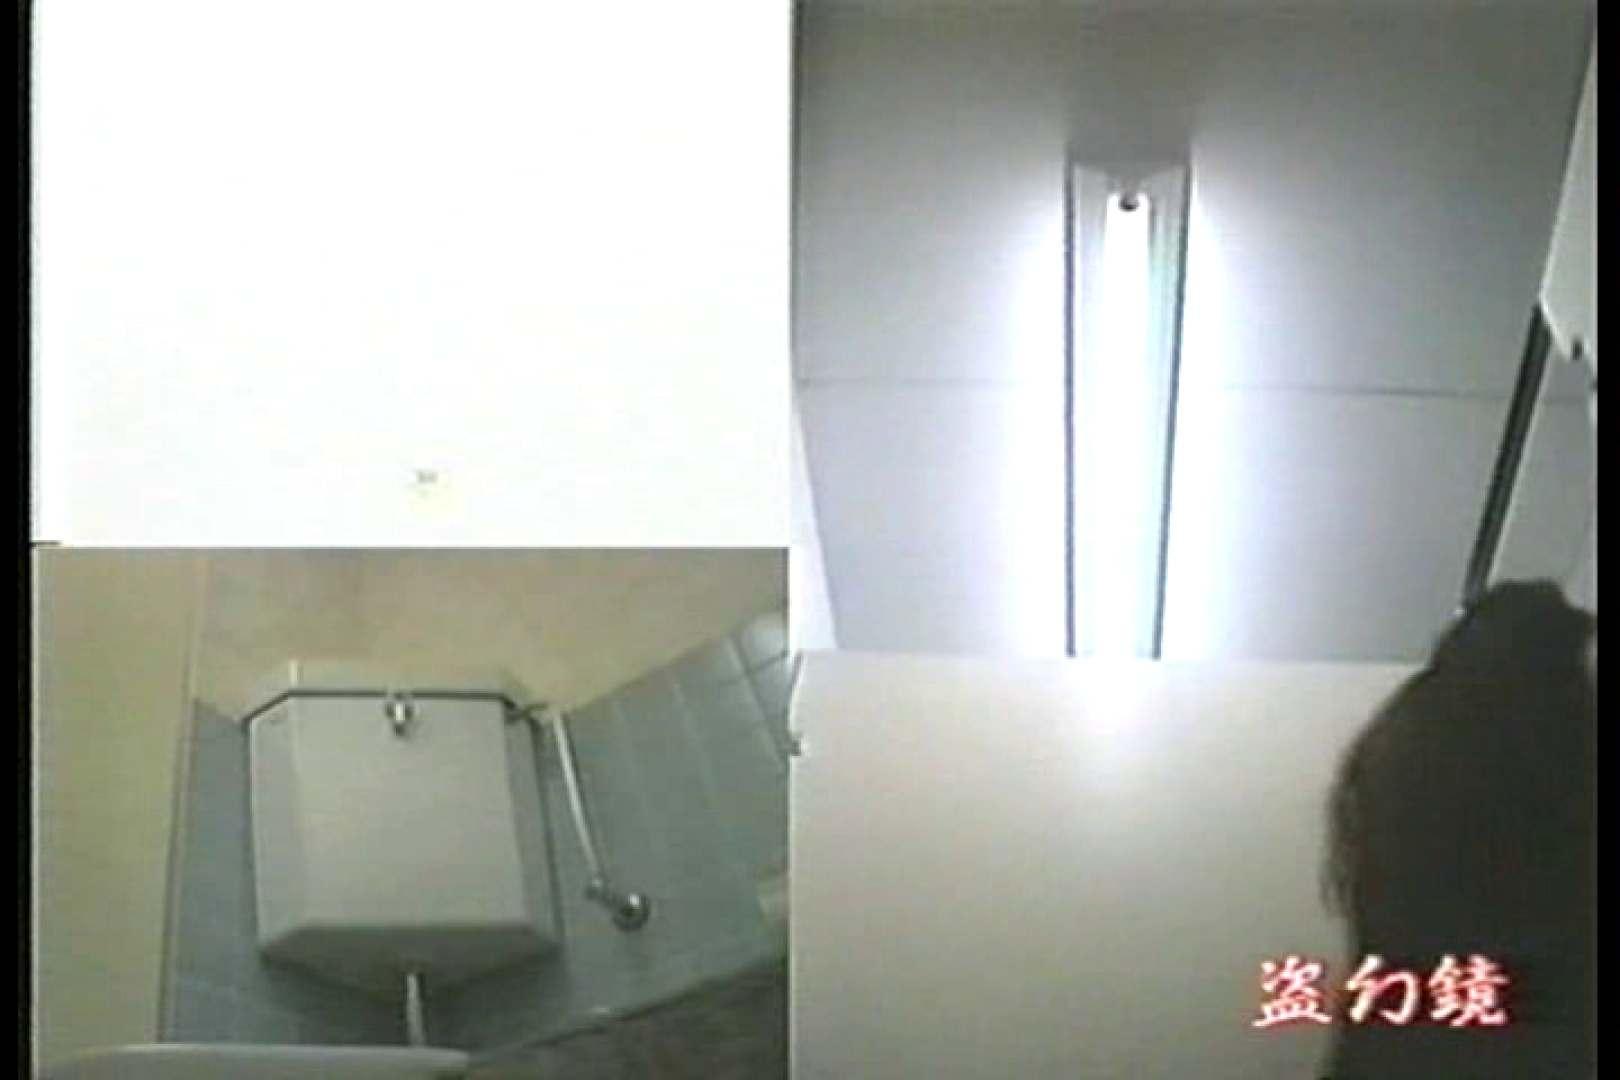 洗面所羞恥美女んMV-2 肛門 覗きおまんこ画像 46PICs 13